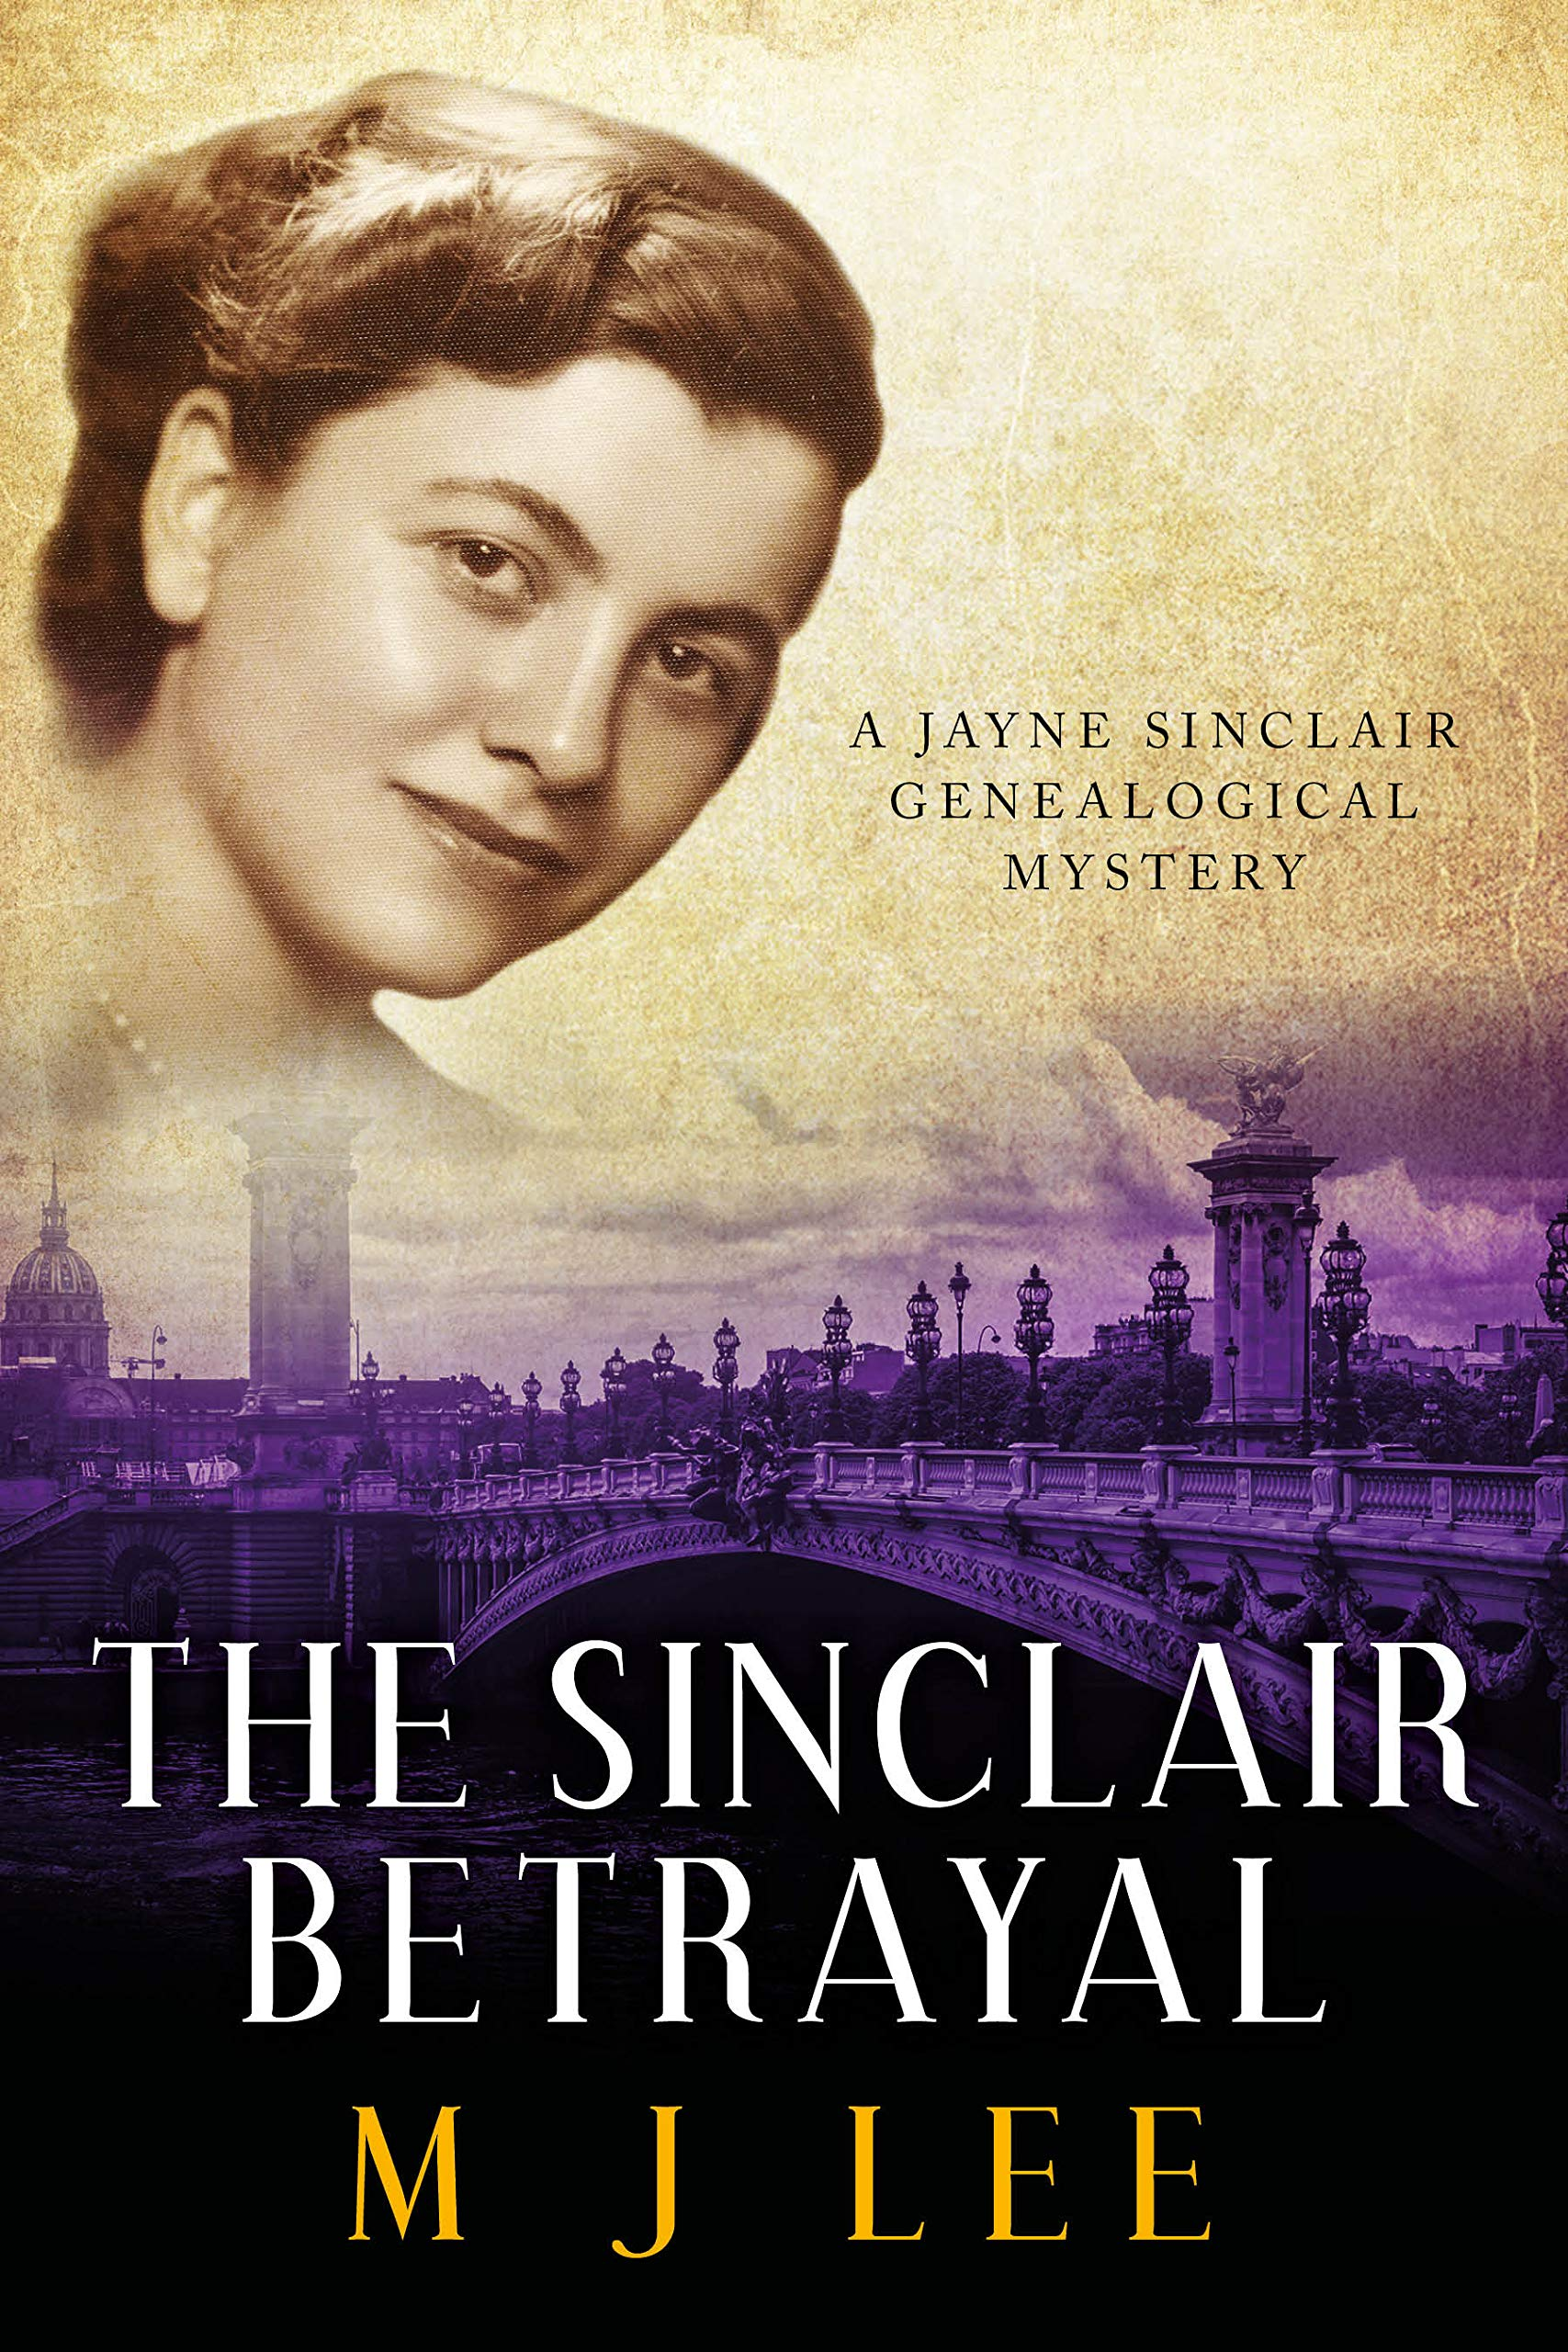 The Sinclair Betrayal: A Jayne Sinclair Genealogical Mystery por M J Lee